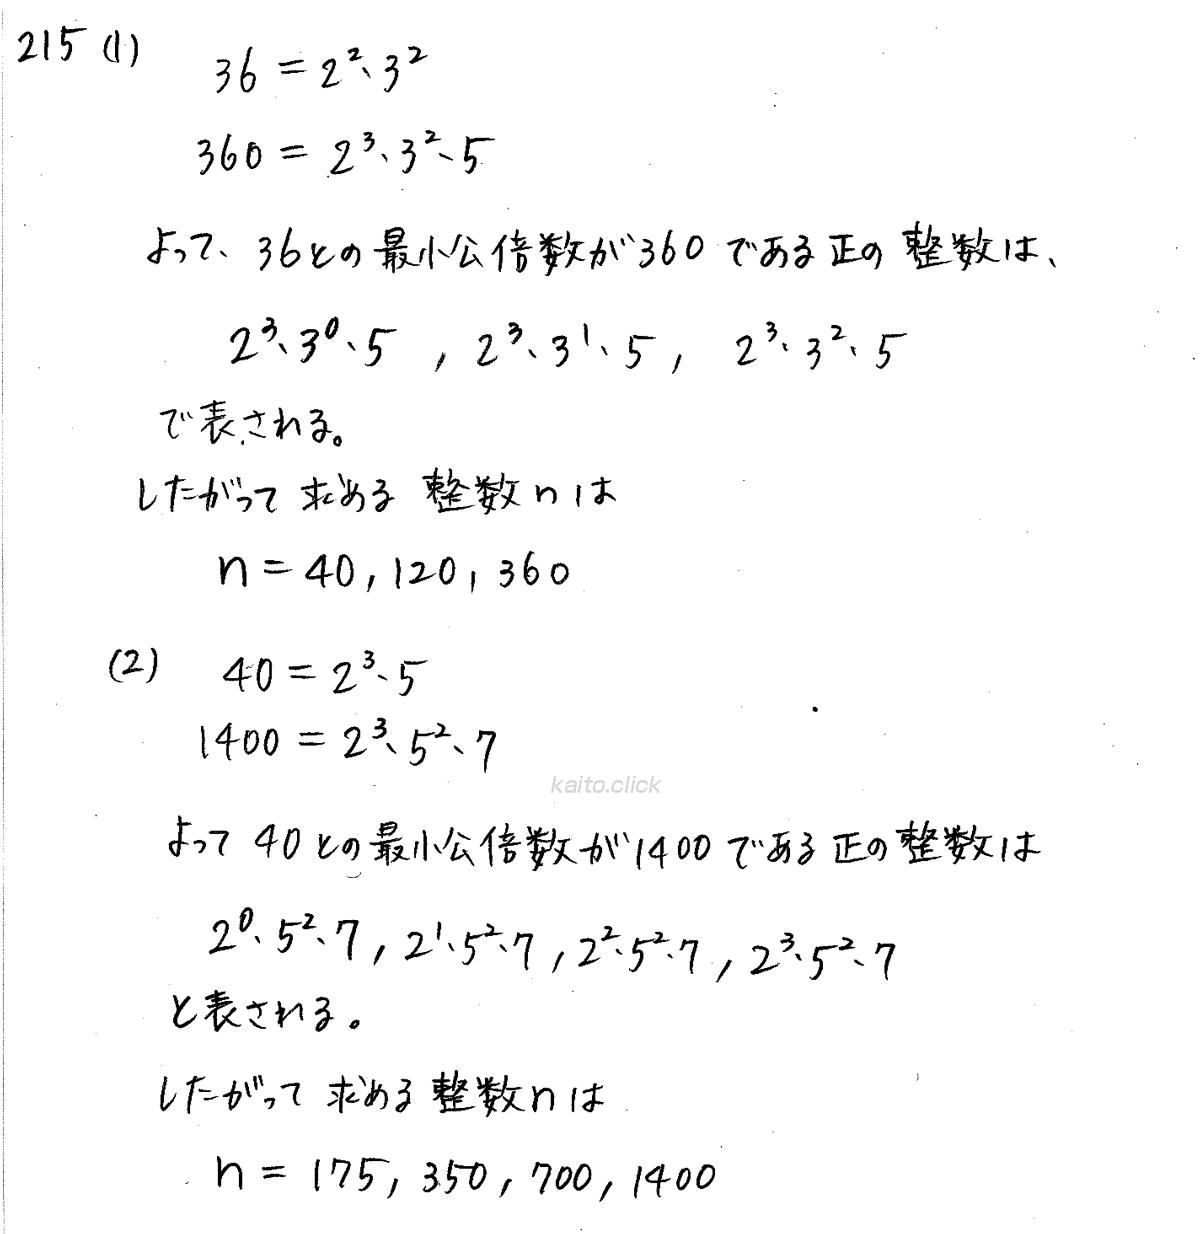 クリアー数学A-215解答